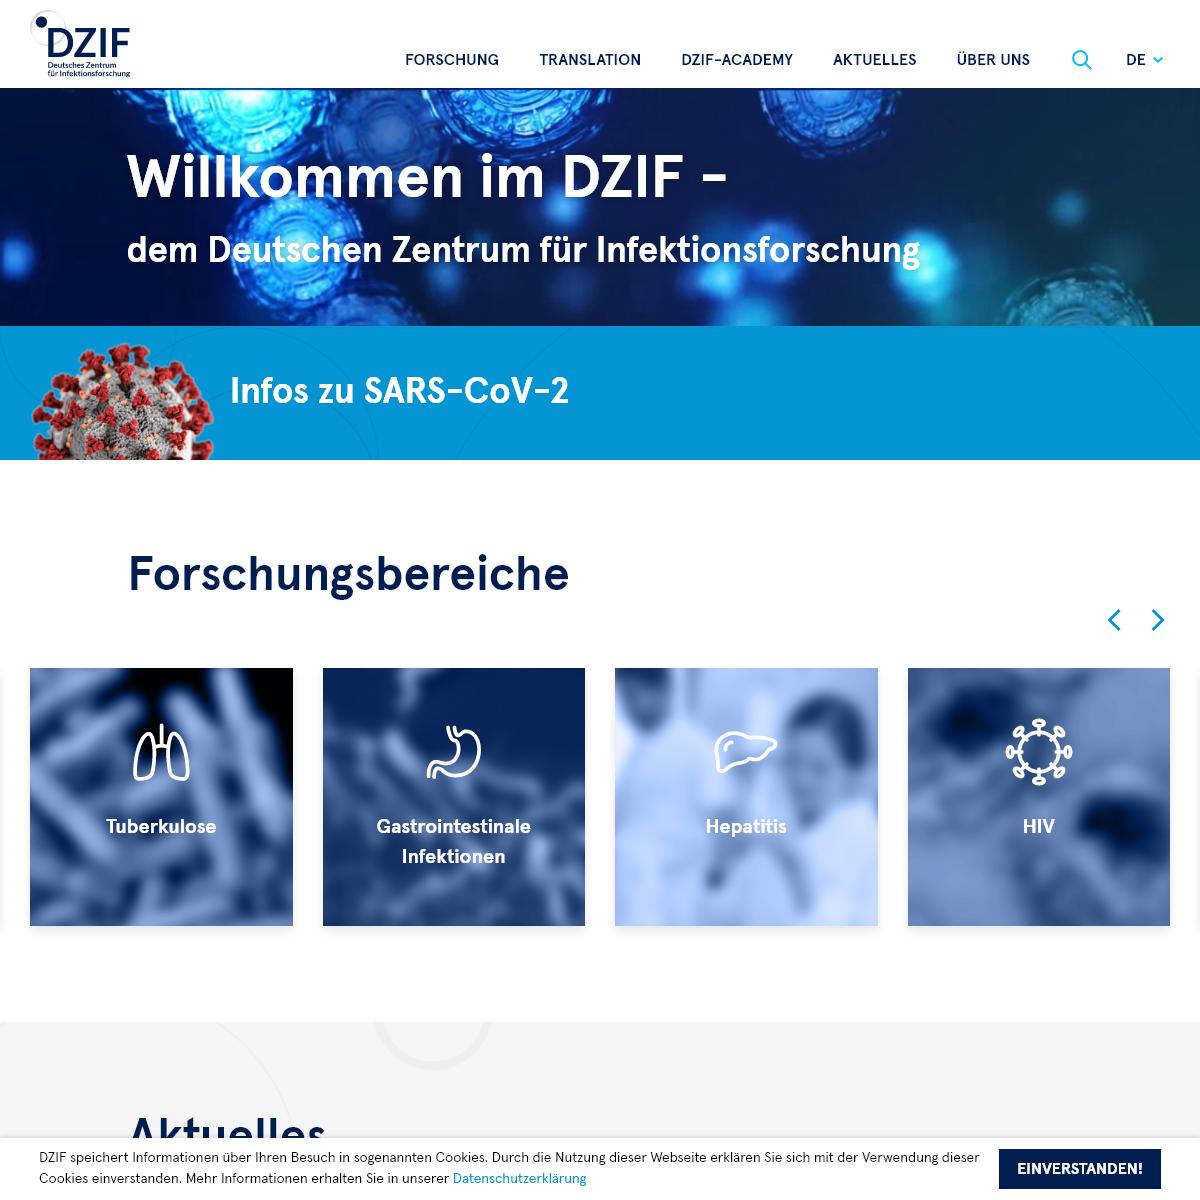 Willkommen im DZIF - Deutsches Zentrum für Infektionsforschung